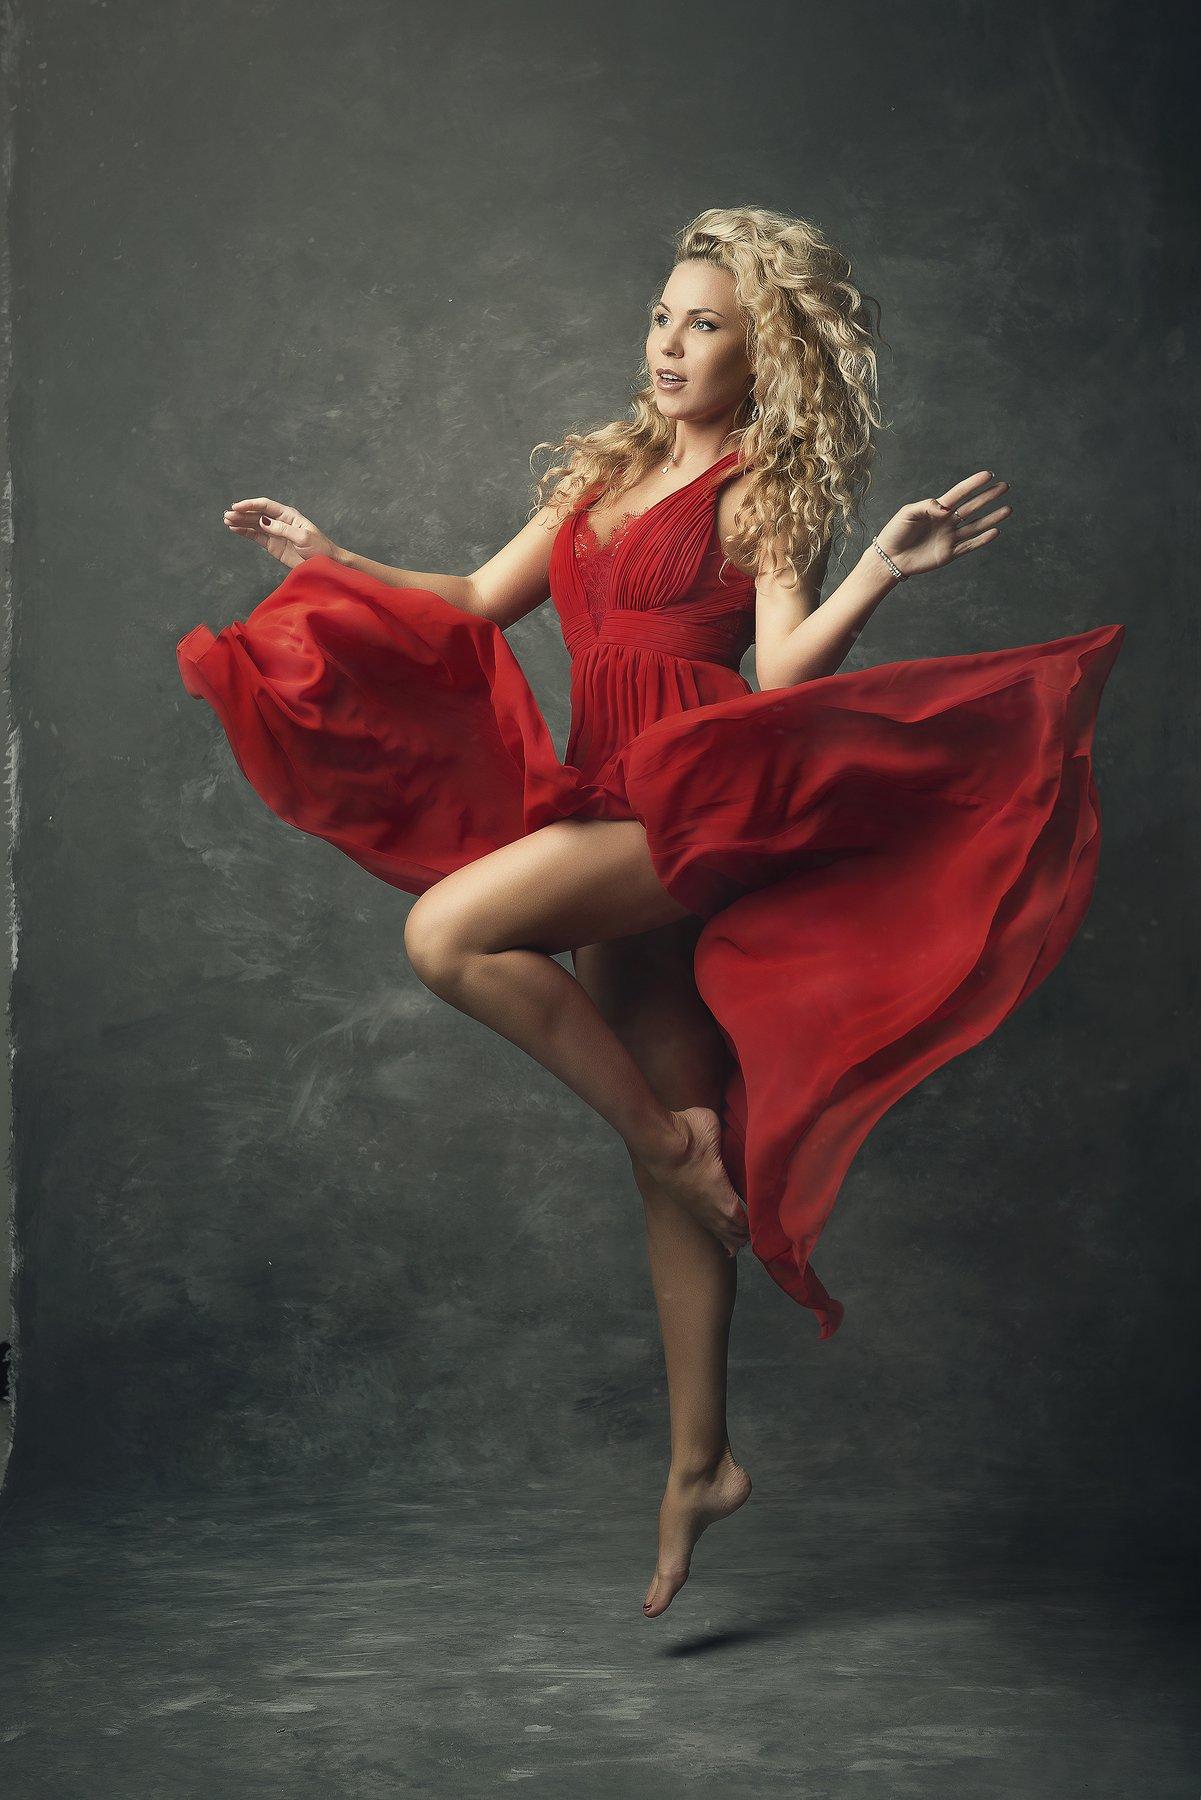 модель, свет, тело, дым, танец, ноги, красный, серый, фон, полет, Чихняев Максим